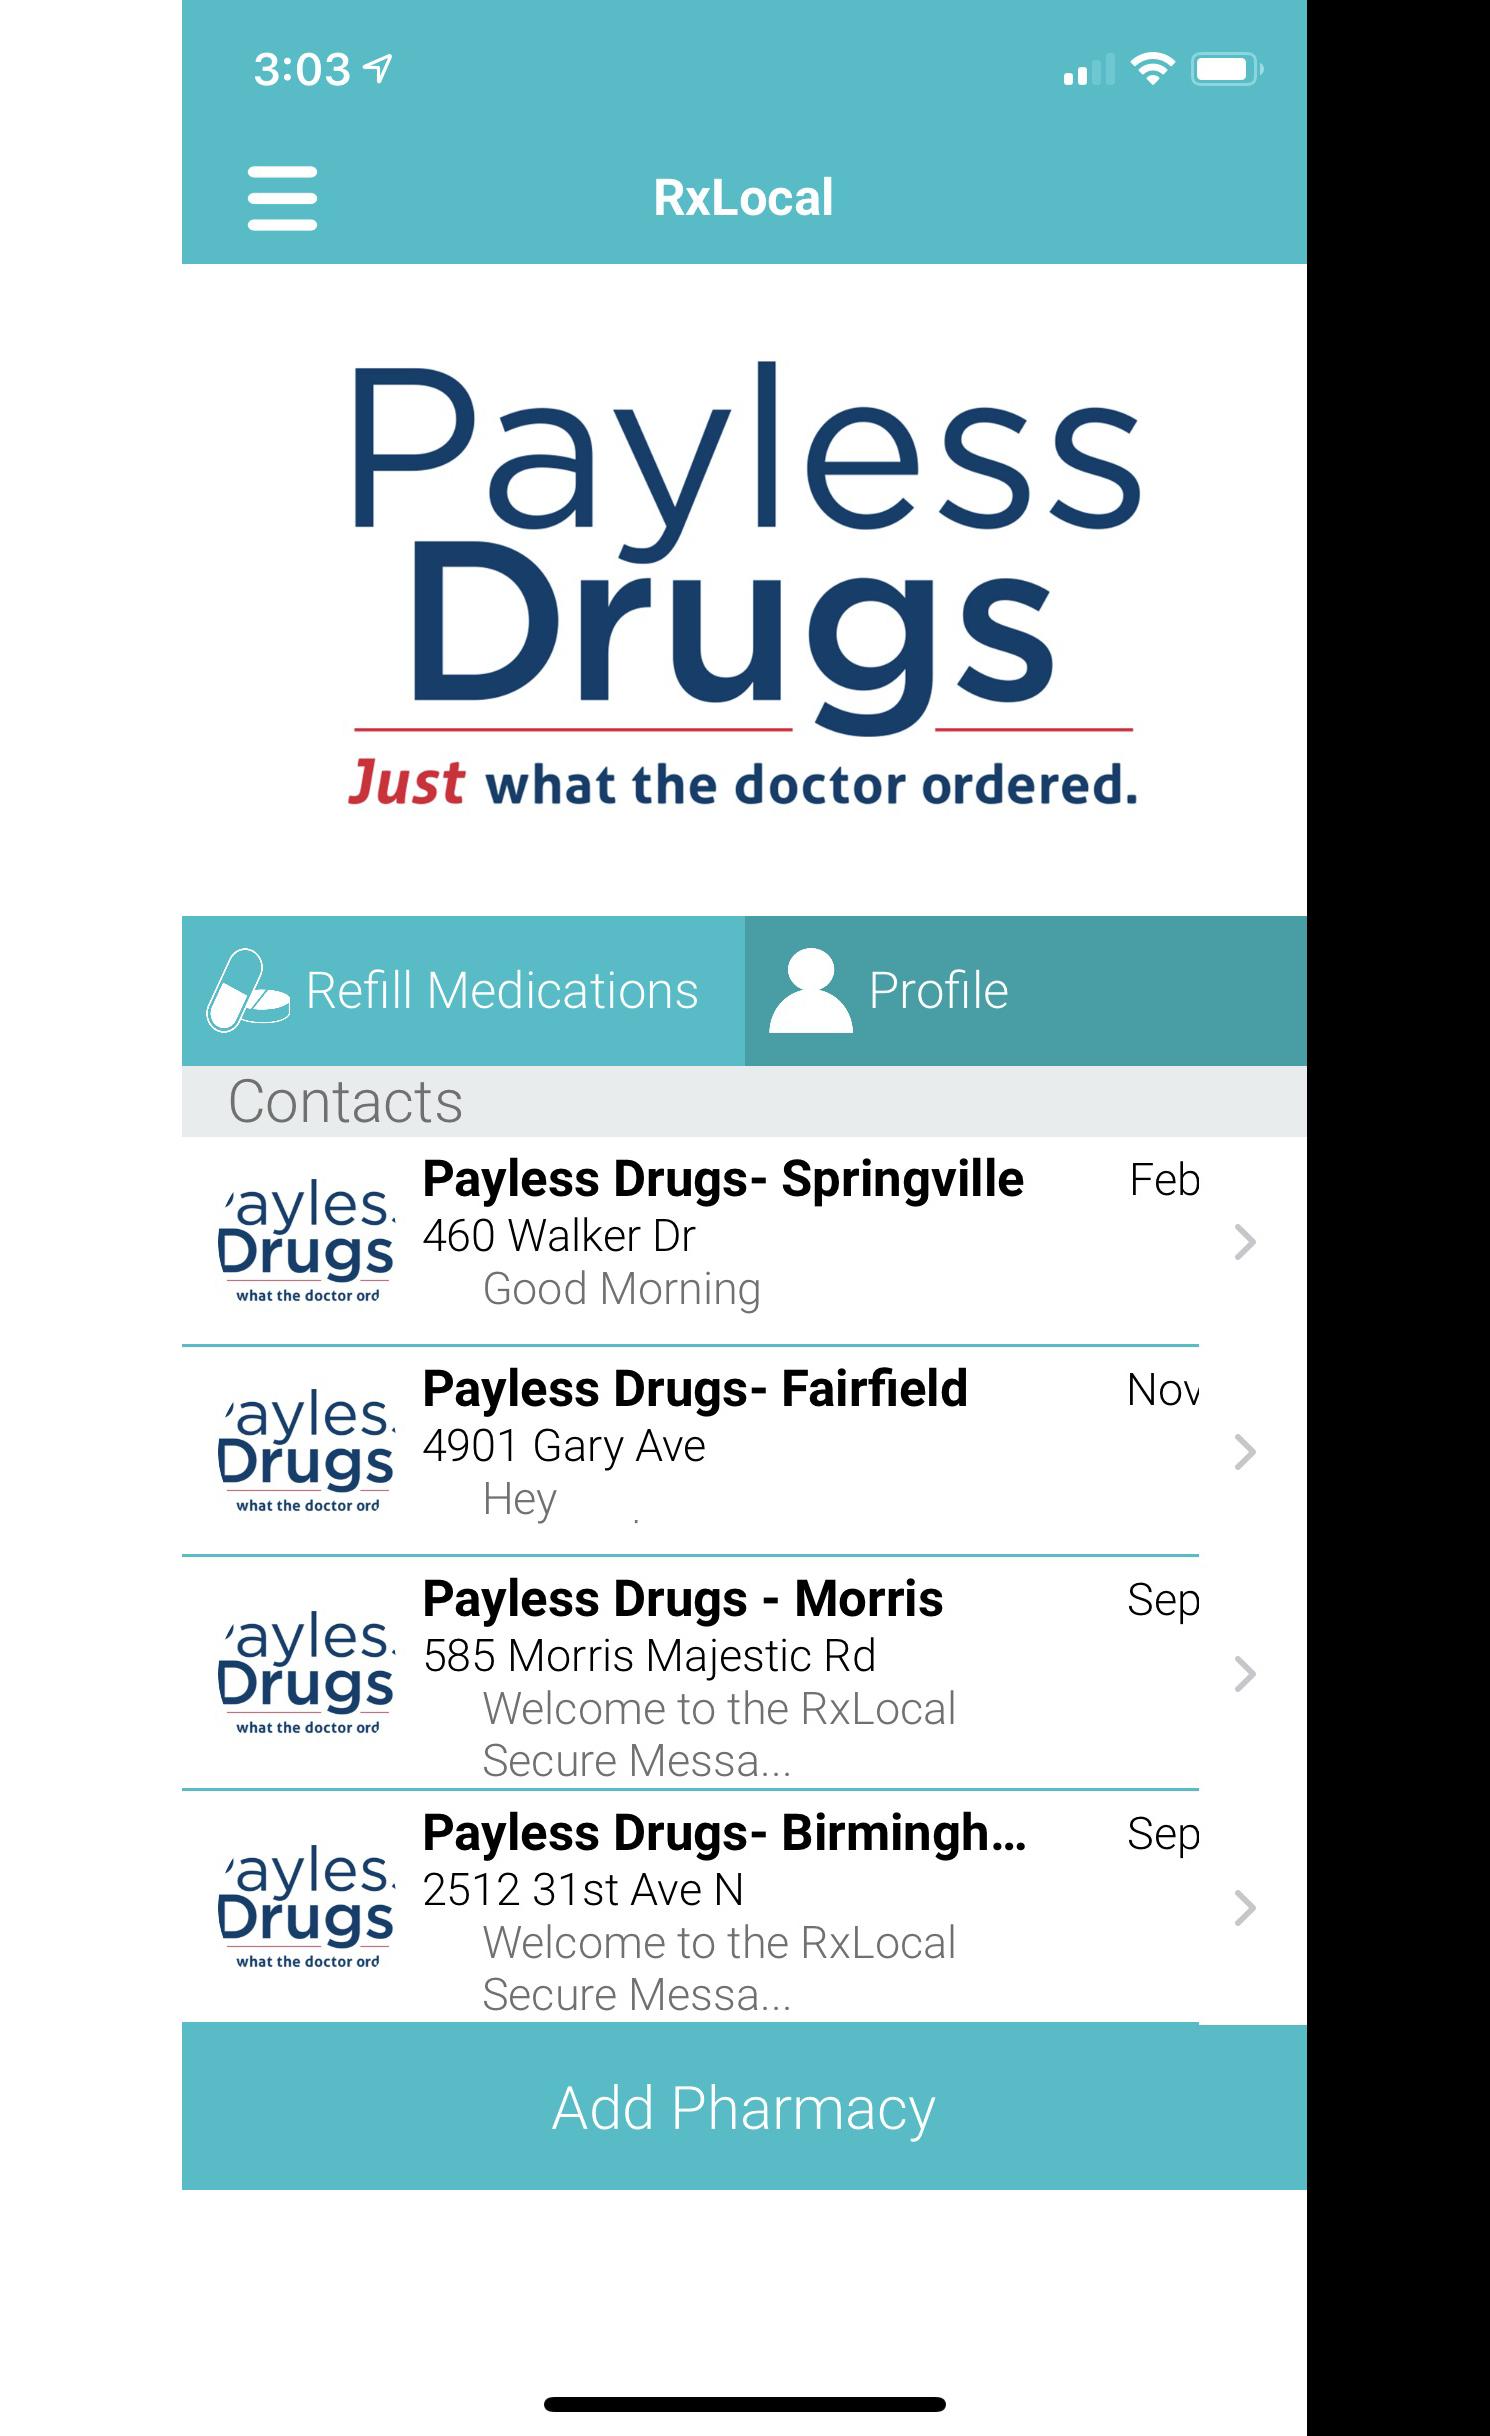 Image screen shot of mobile app